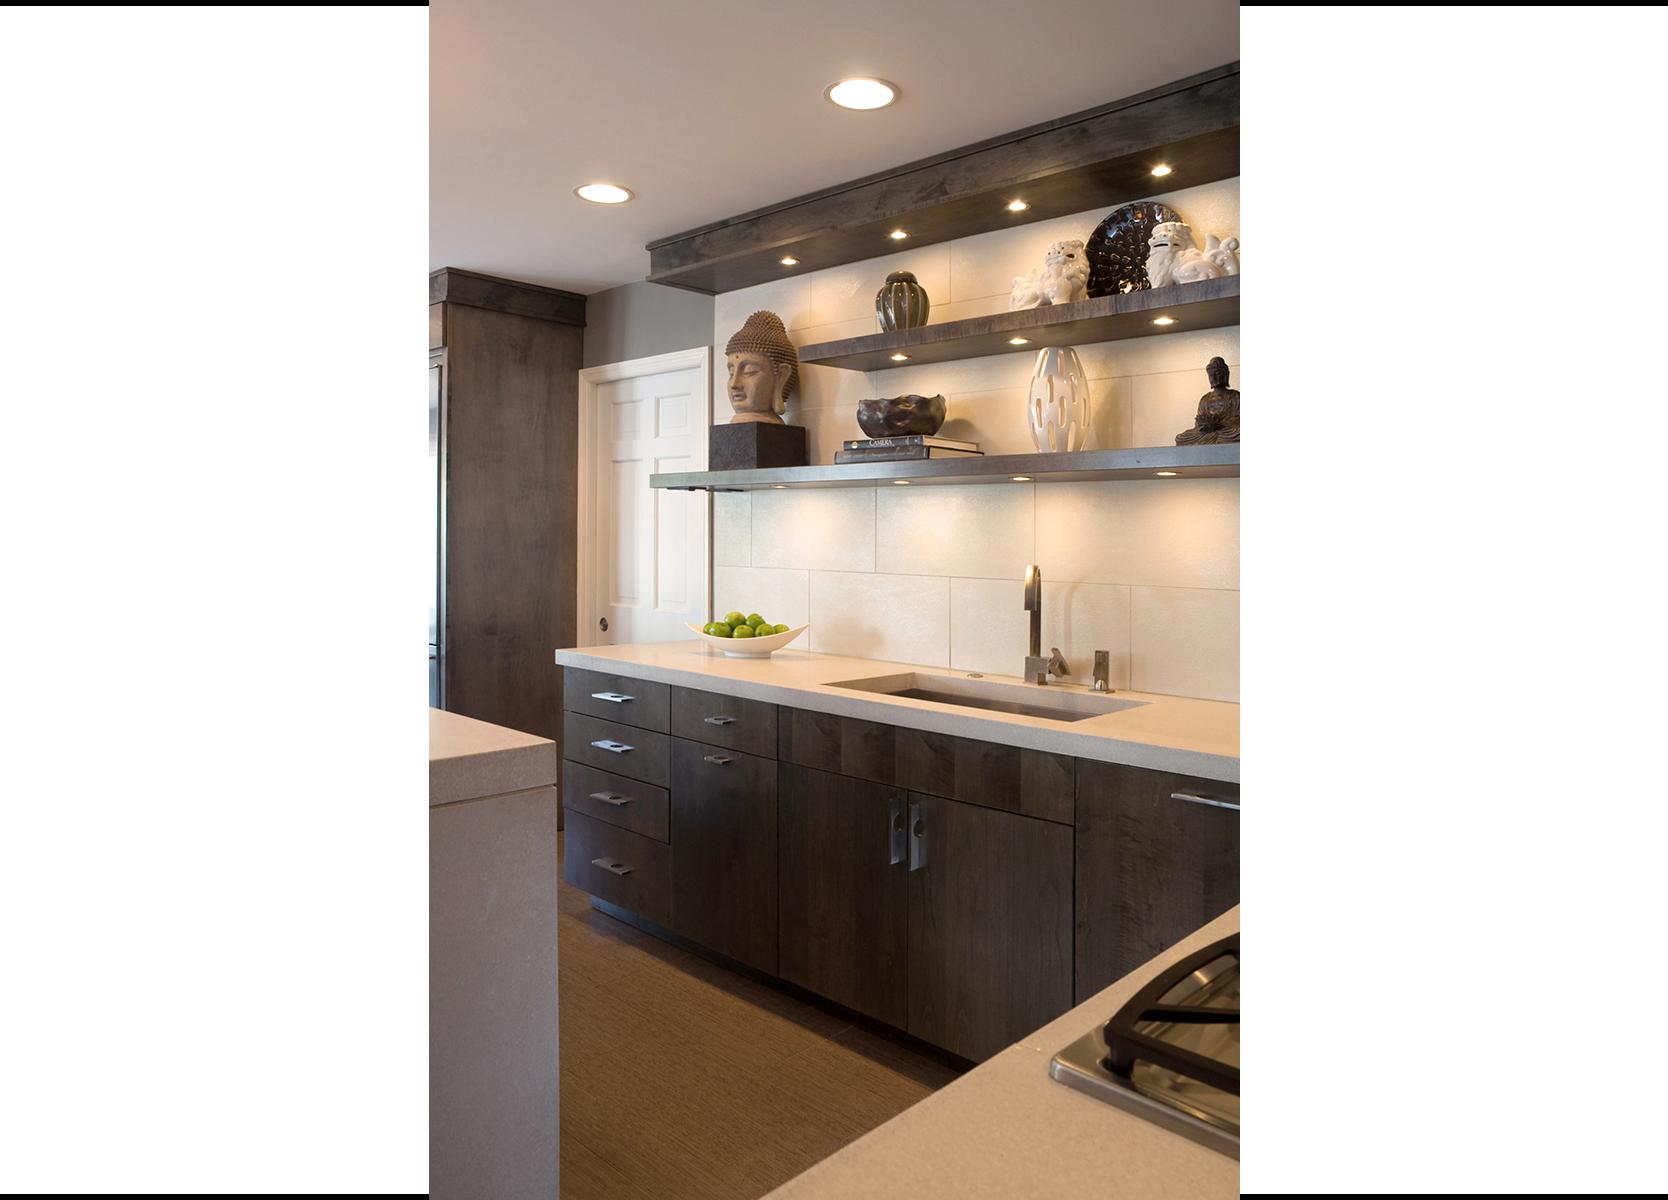 Home Renovation Kitchen Design